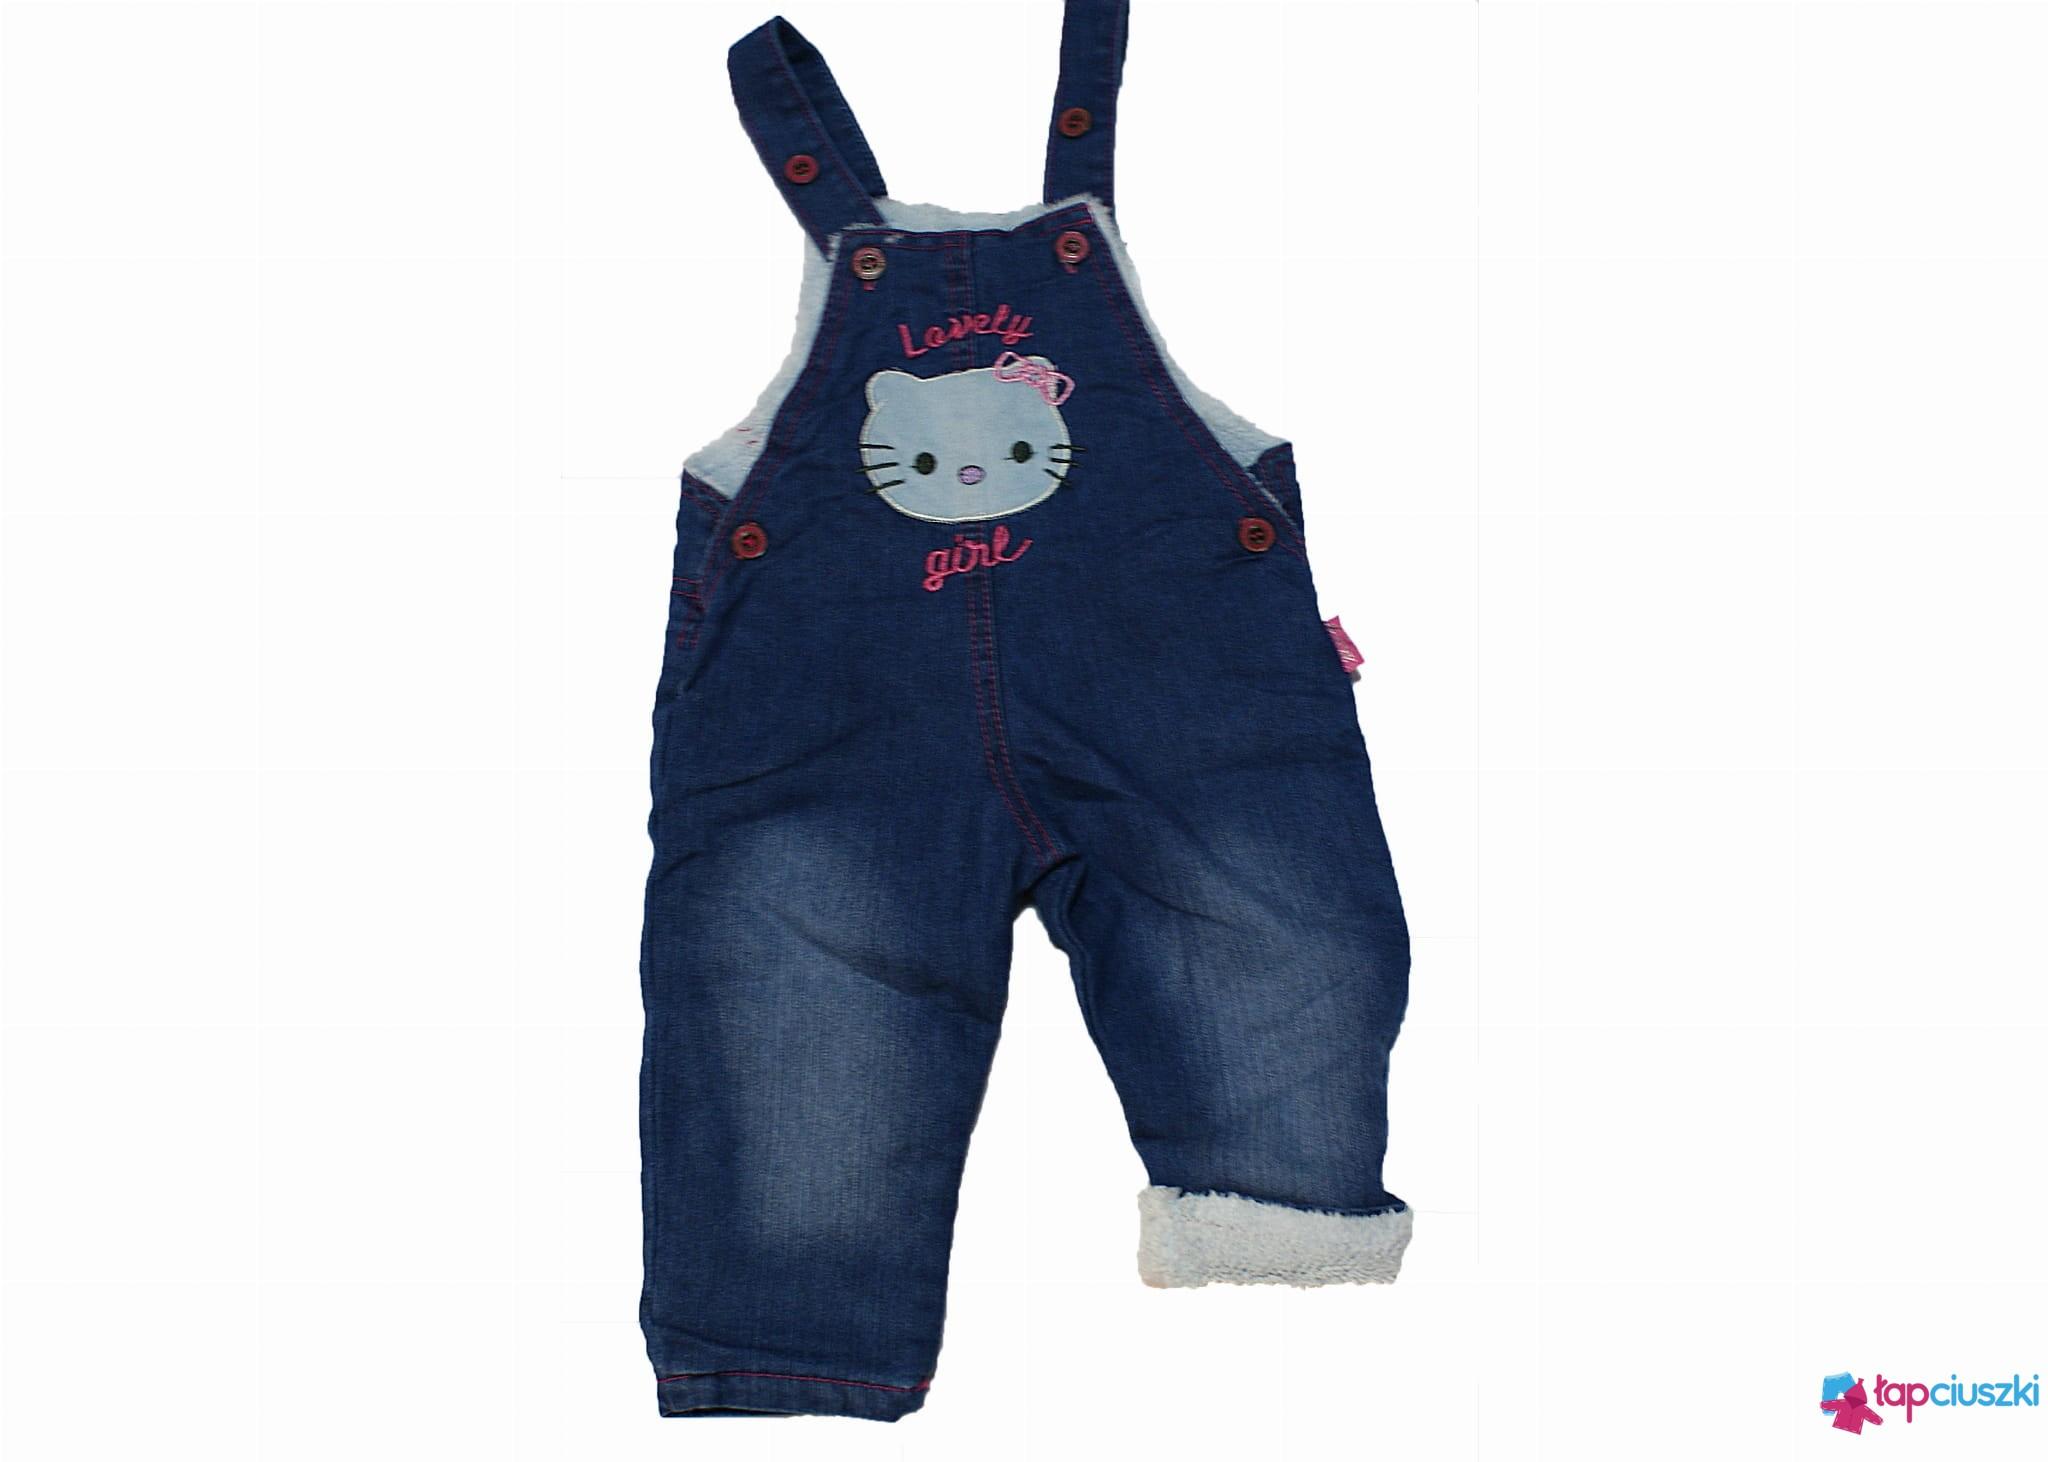 Spodnie ocieplane dla dziewczynki ogrodniczki rozm.(86 92 98)